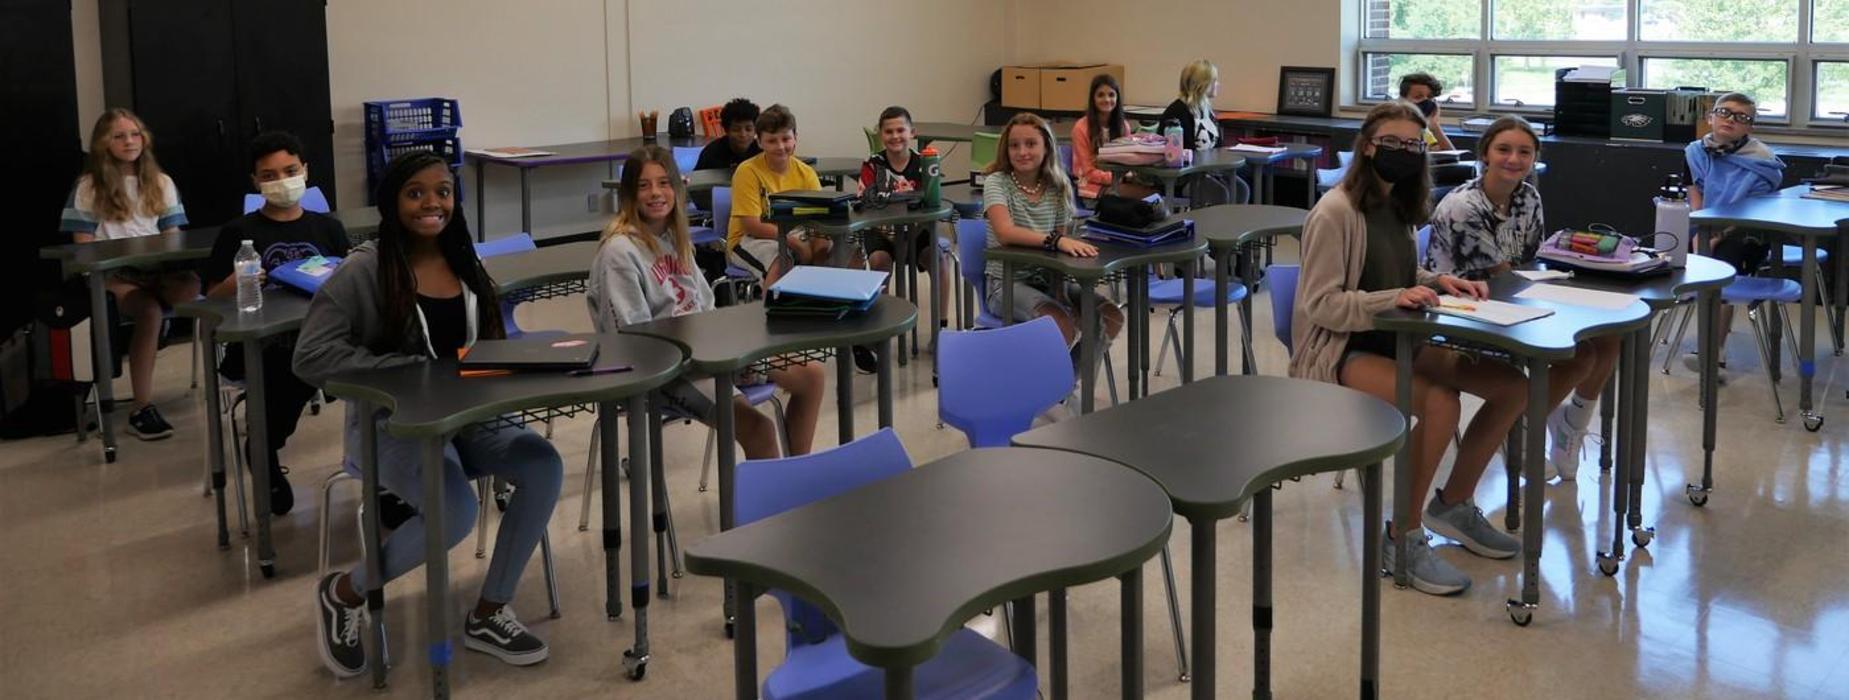 MS Class